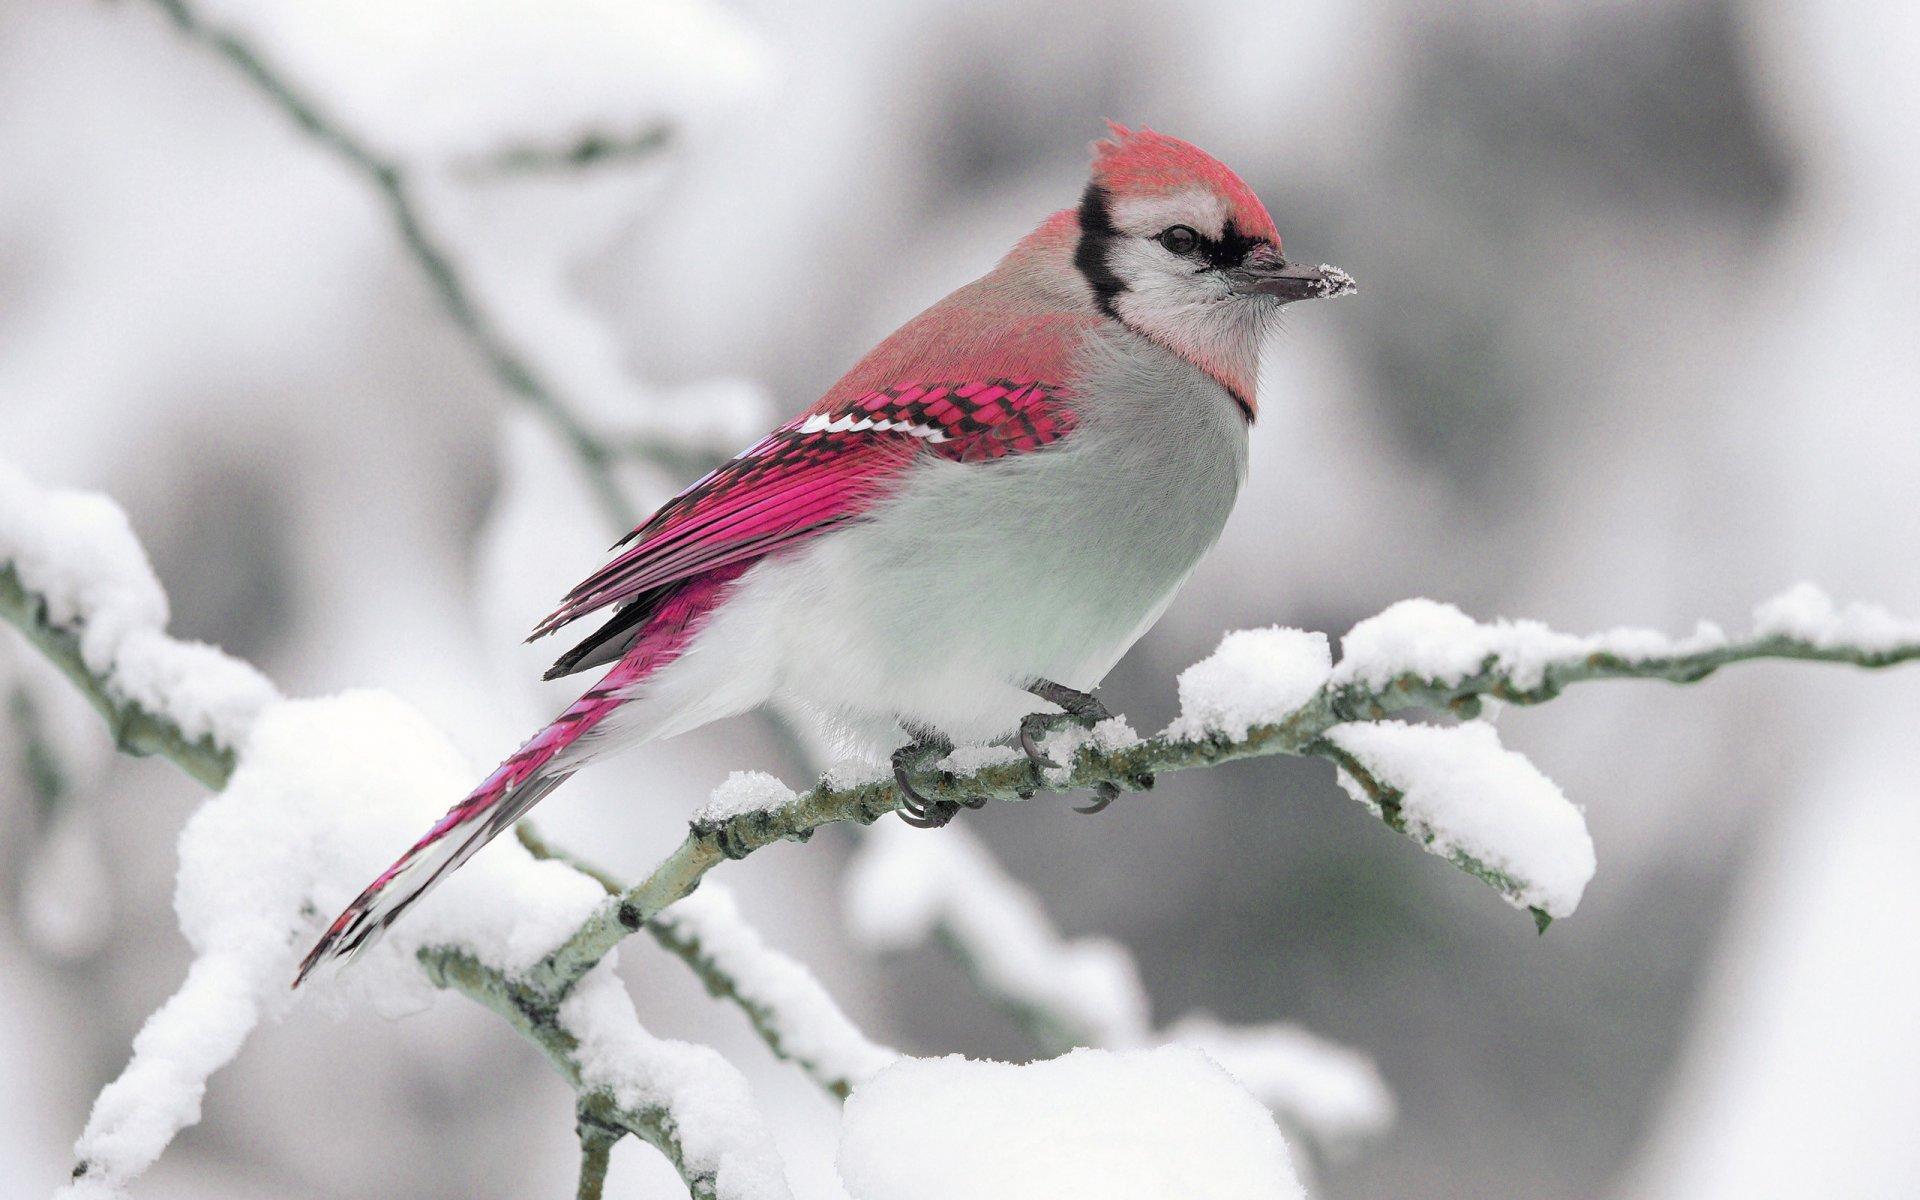 природа животные птицы деревья зима снег загрузить